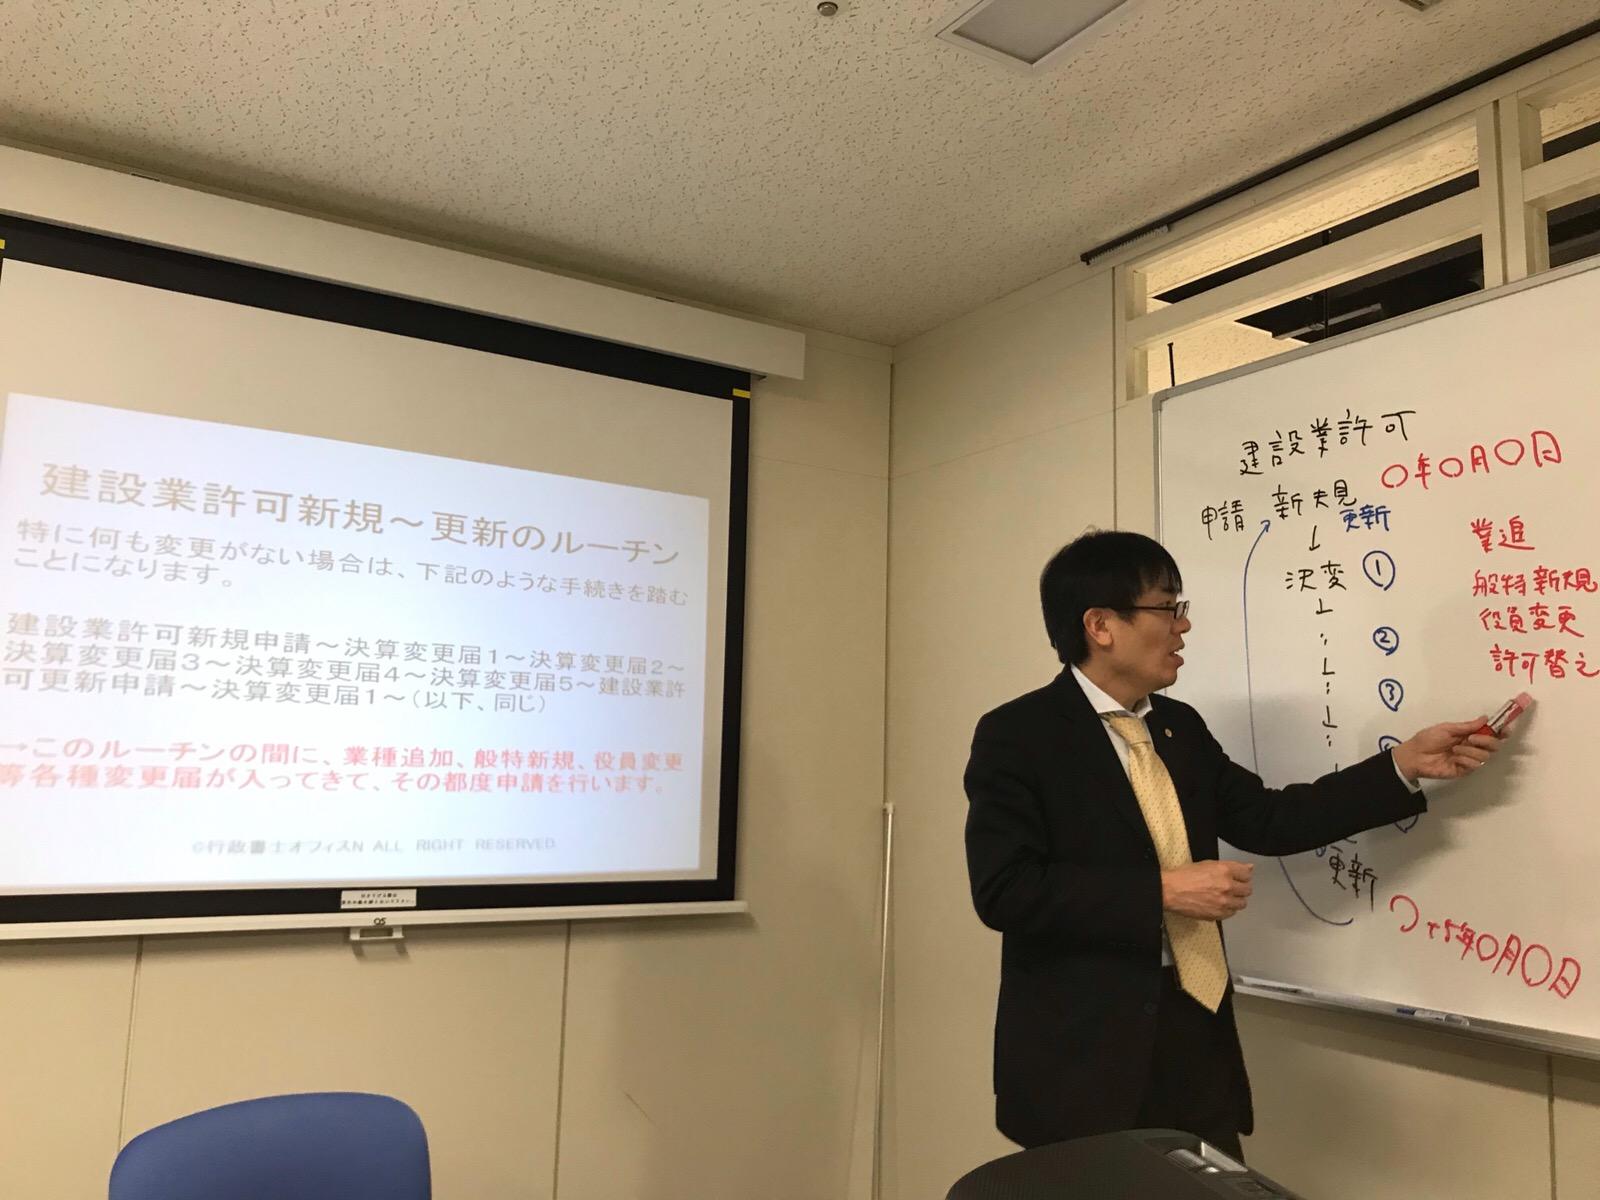 新人行政書士向けに、建設業許可申請に関する講師をしました。